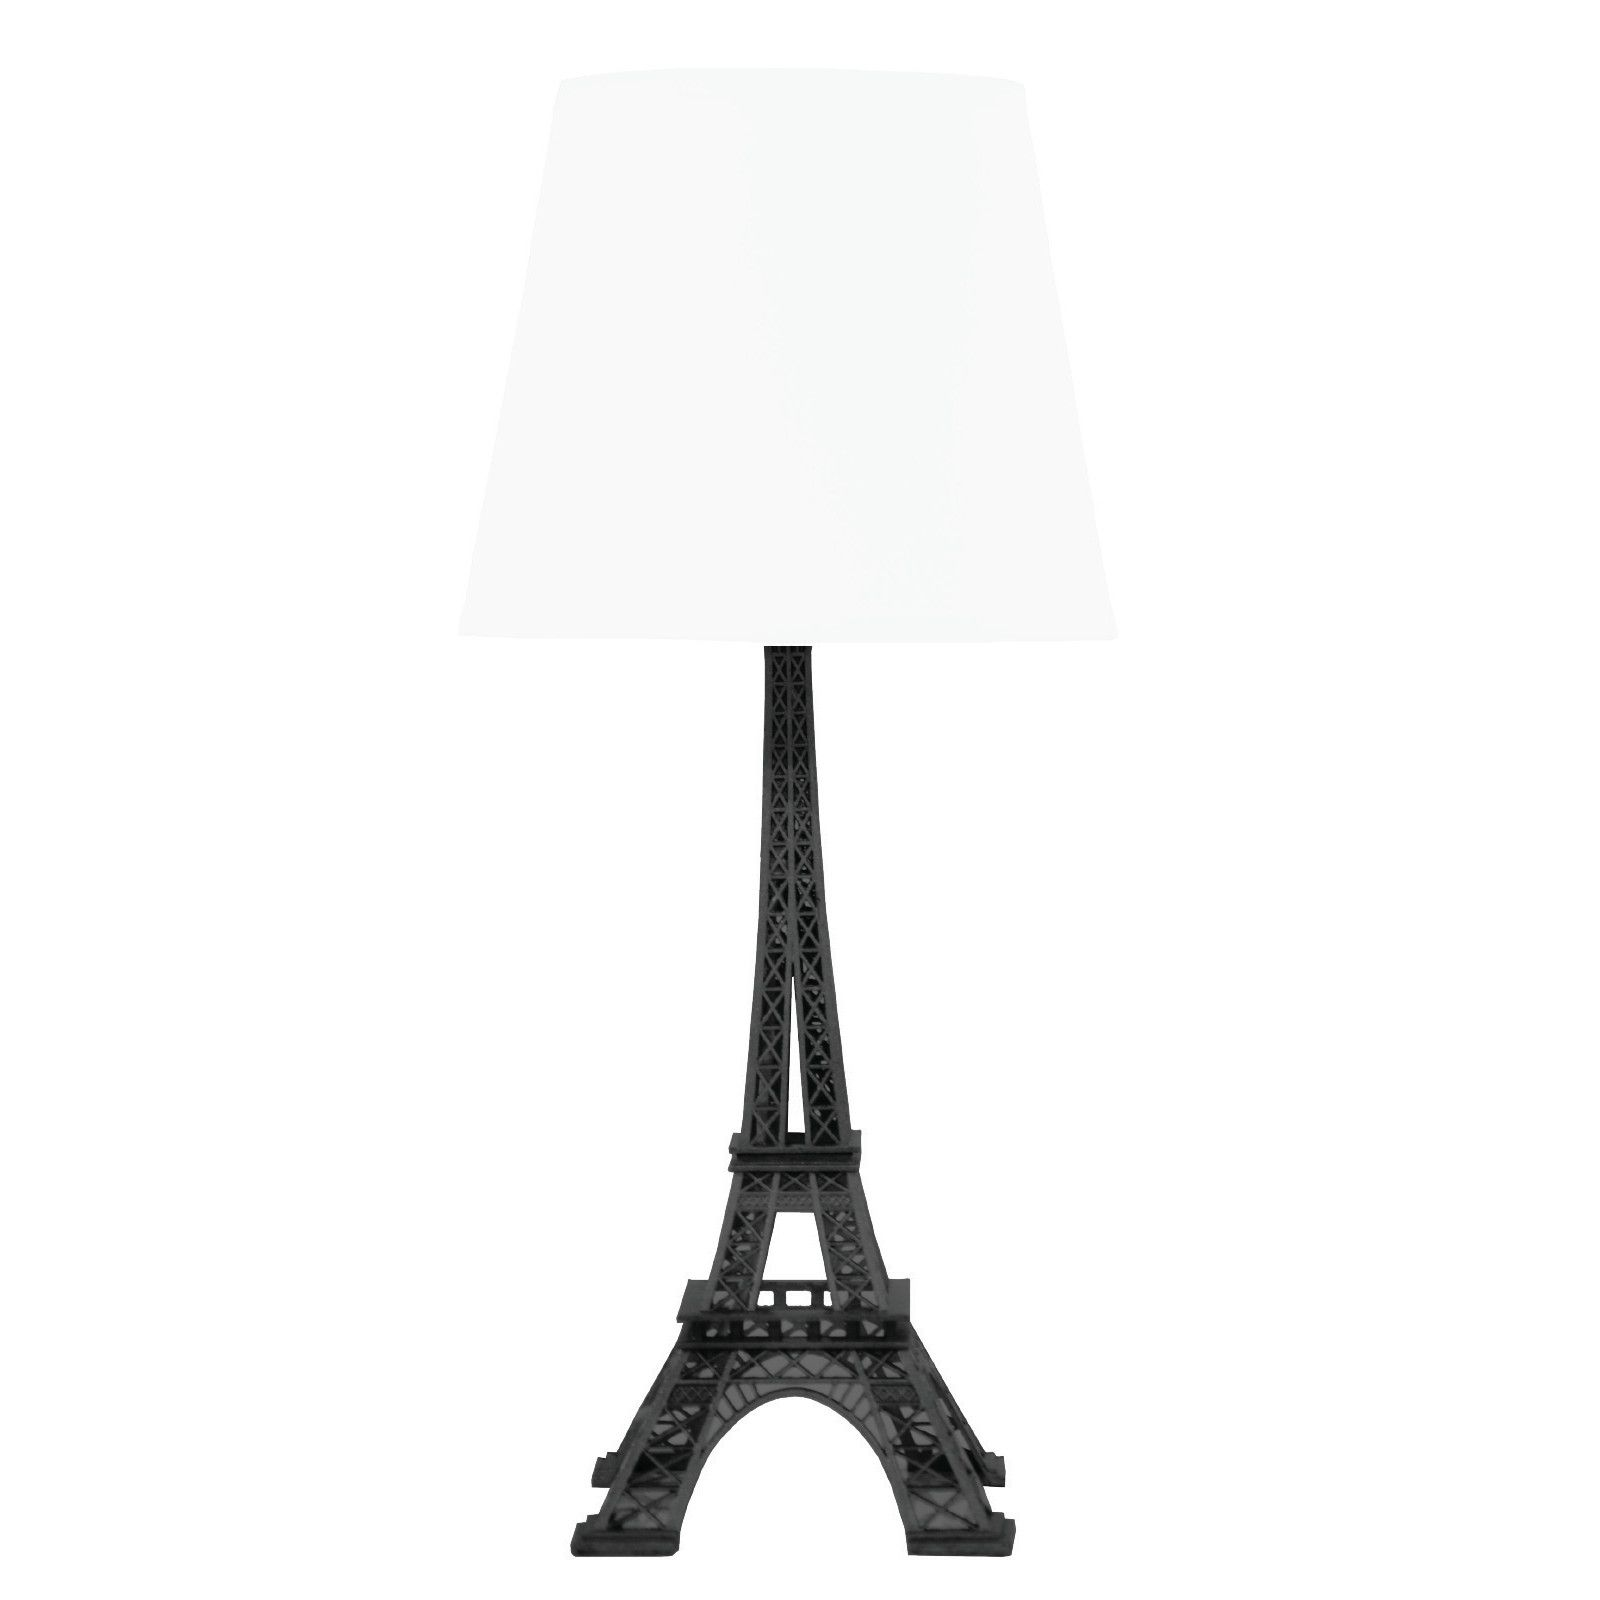 Urban Shop Eiffel Tower 14 5 Table Lamp Reviews Wayfair Ca With Images Eiffel Tower Lamp Lamp Table Lamp